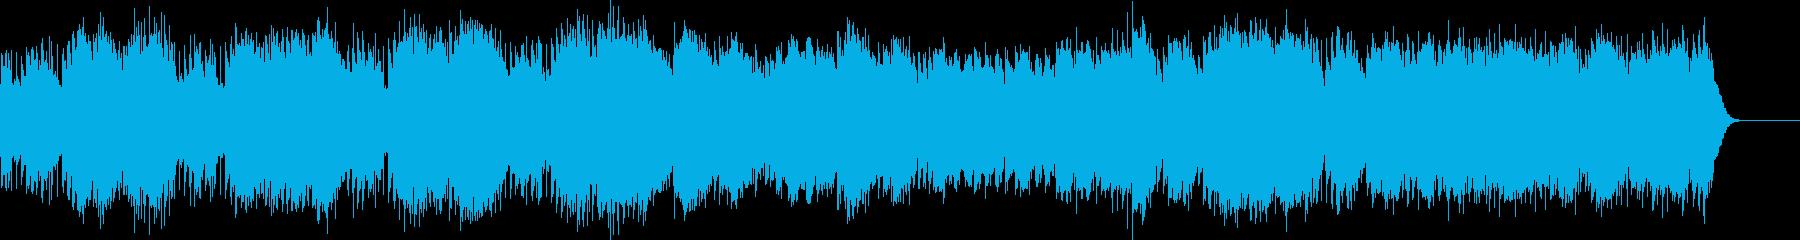 第4曲 ロシアの踊り(オルゴール)の再生済みの波形